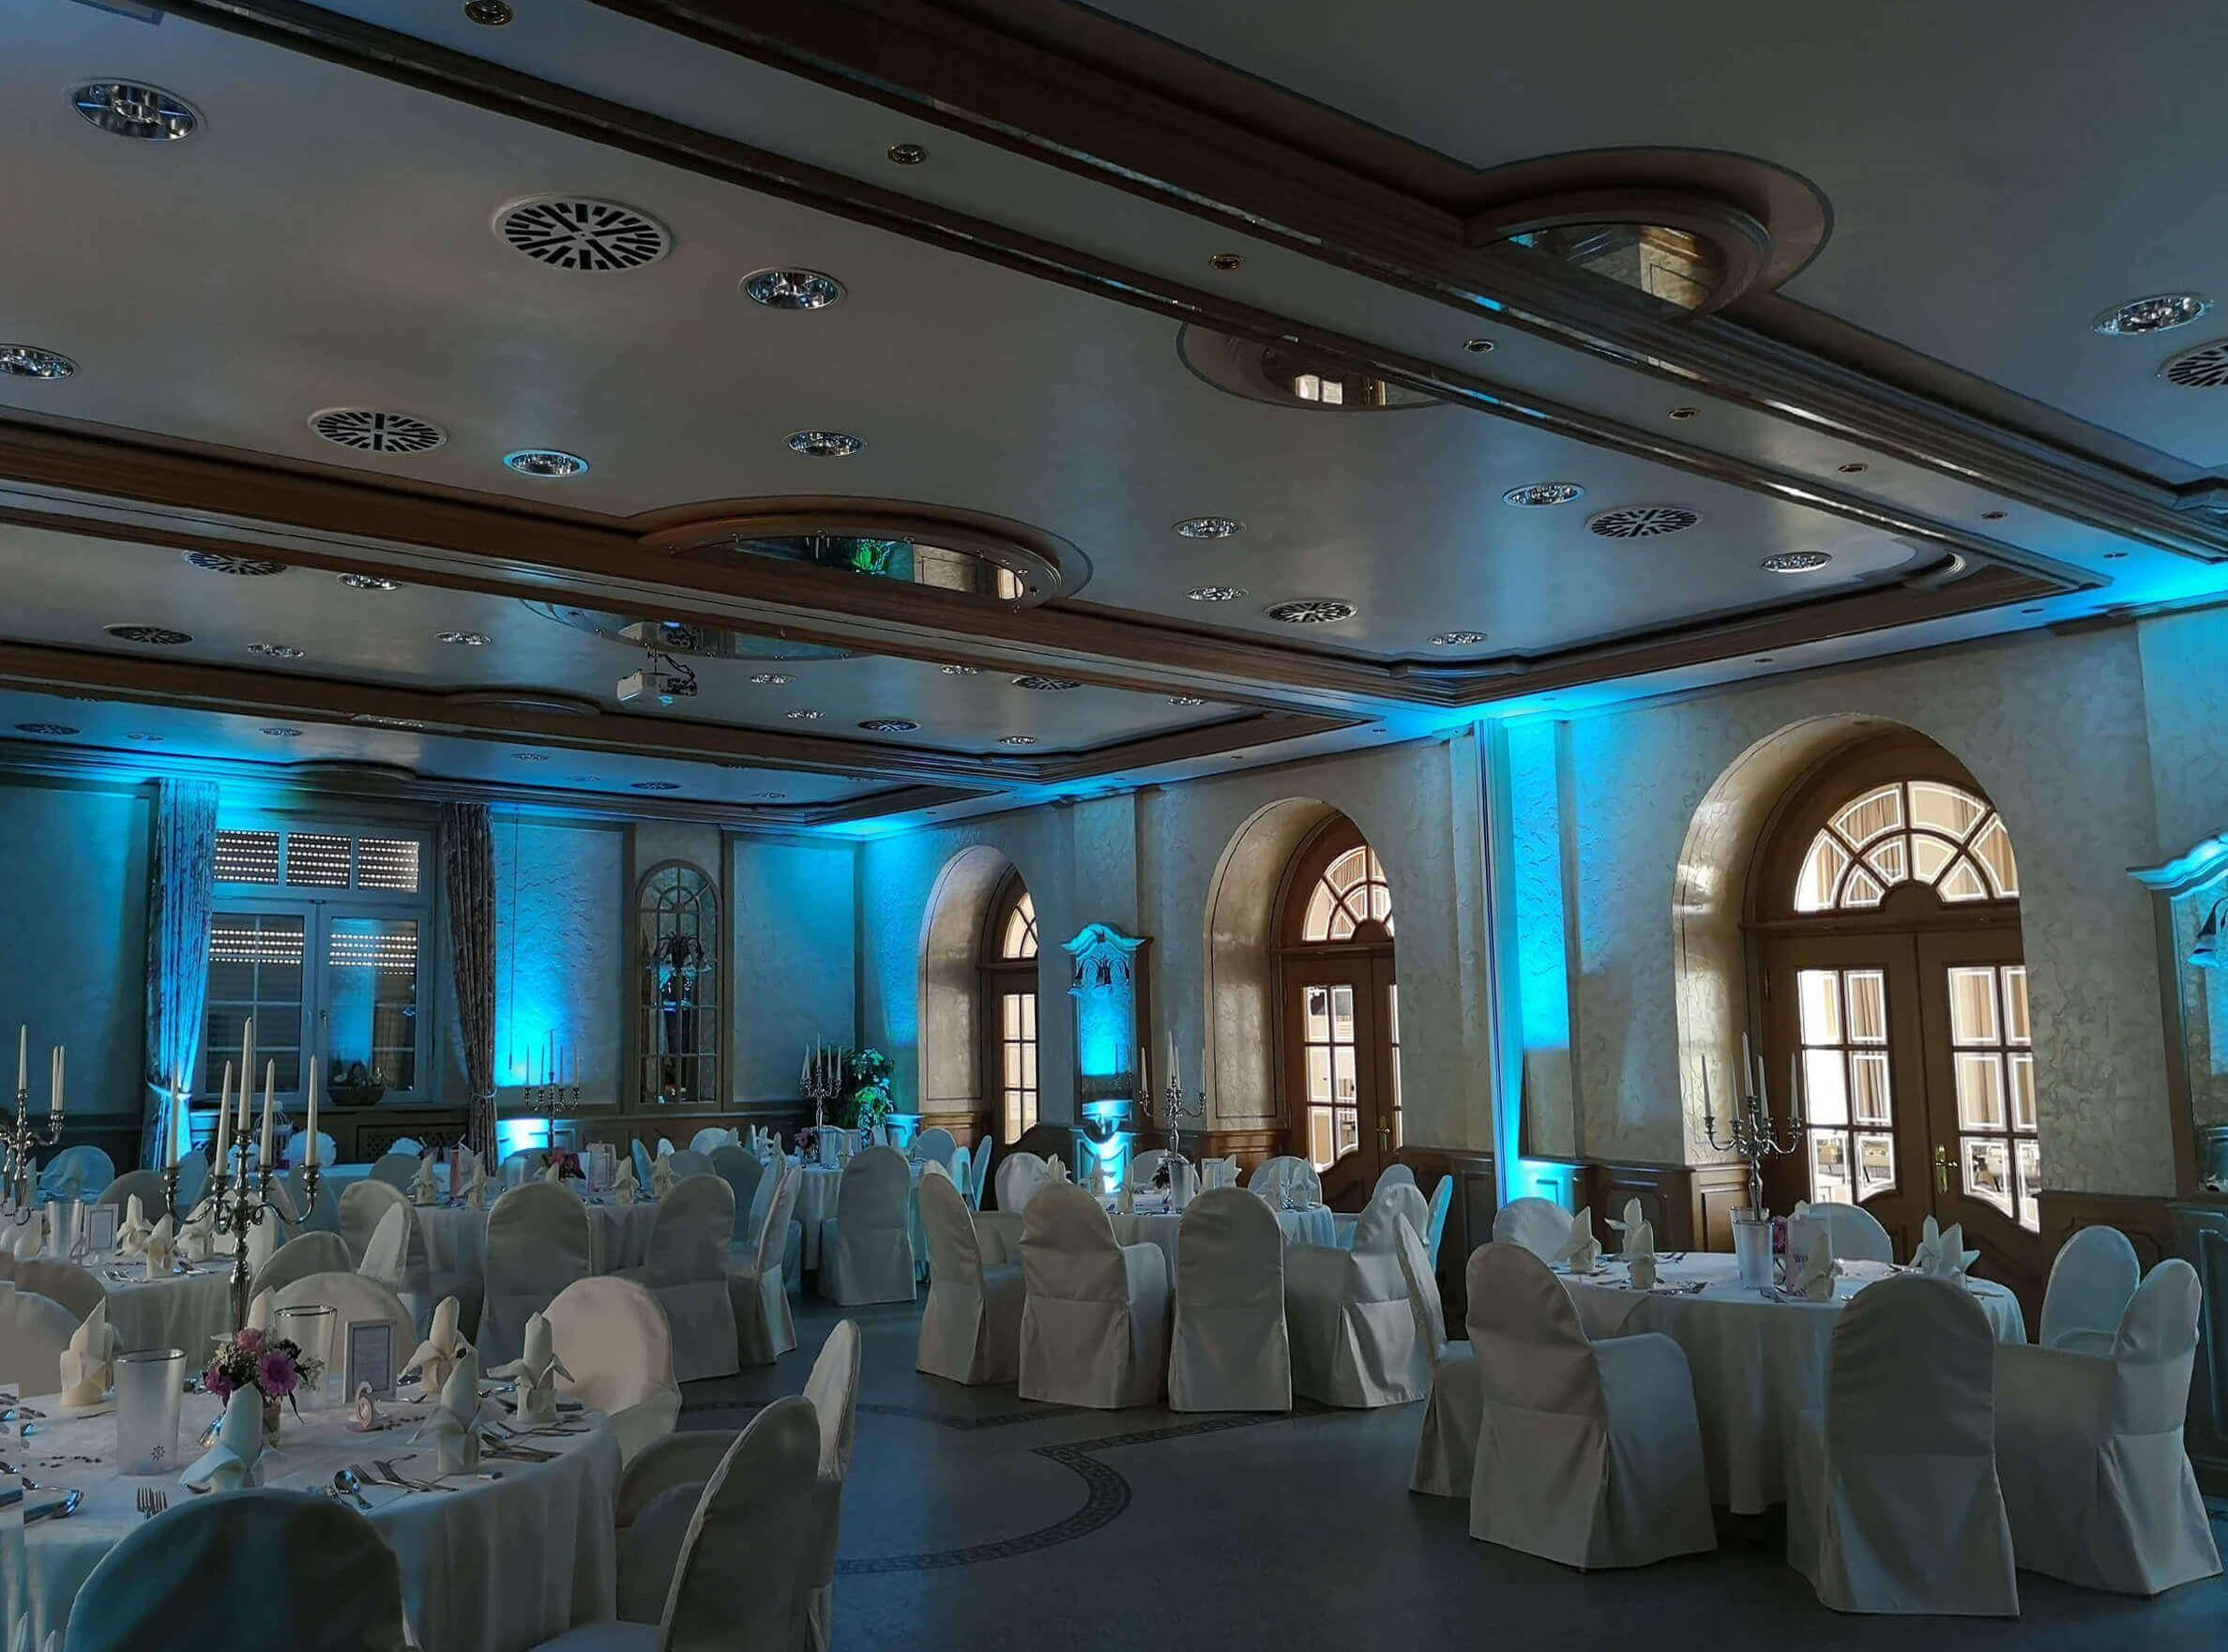 Restaurant Saal Jpg Dj Hochzeits Dj Hochzeit